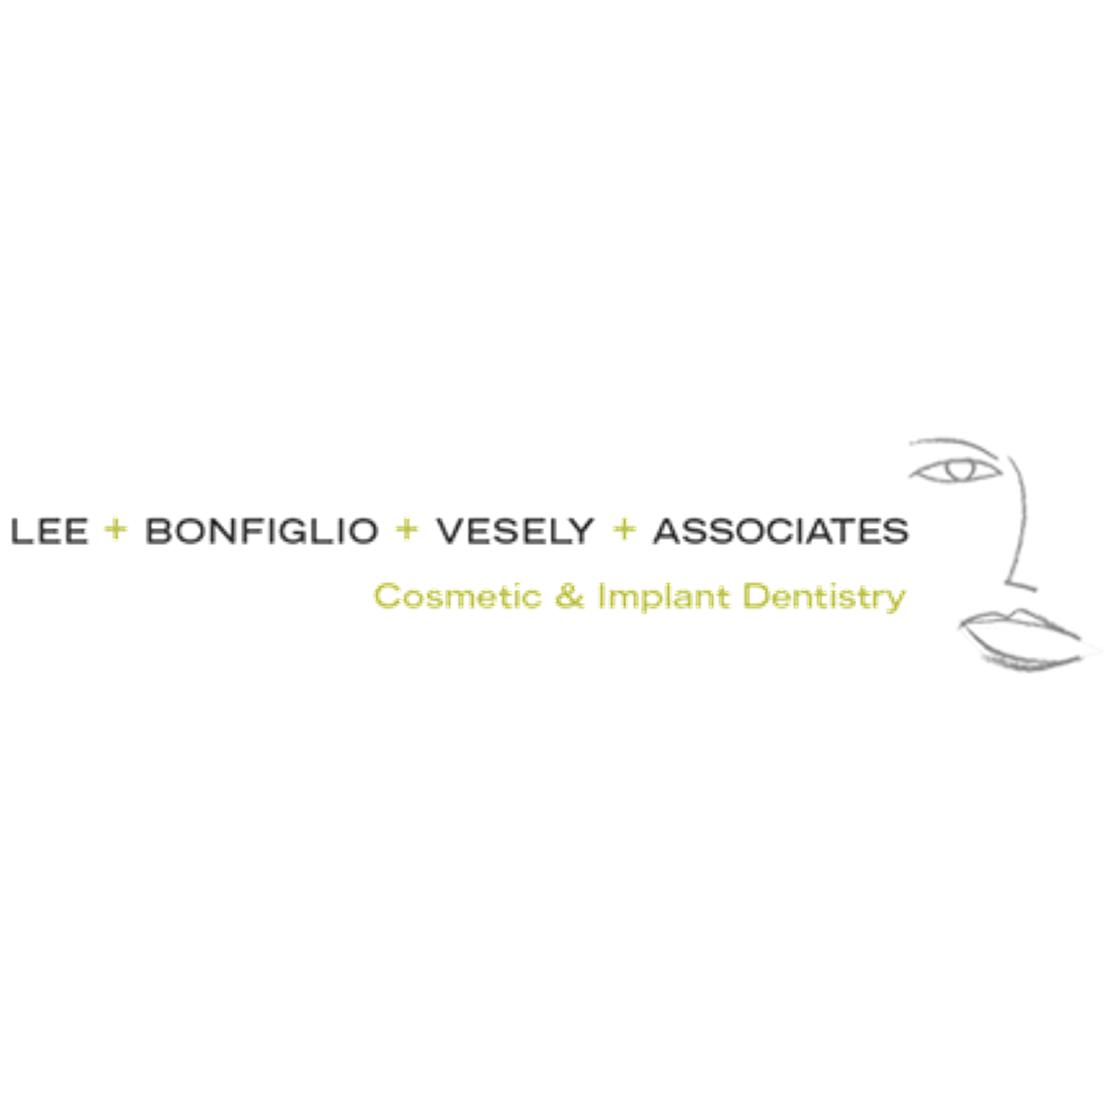 Drs. Lee, Bonfiglio, Vesely, & Associates